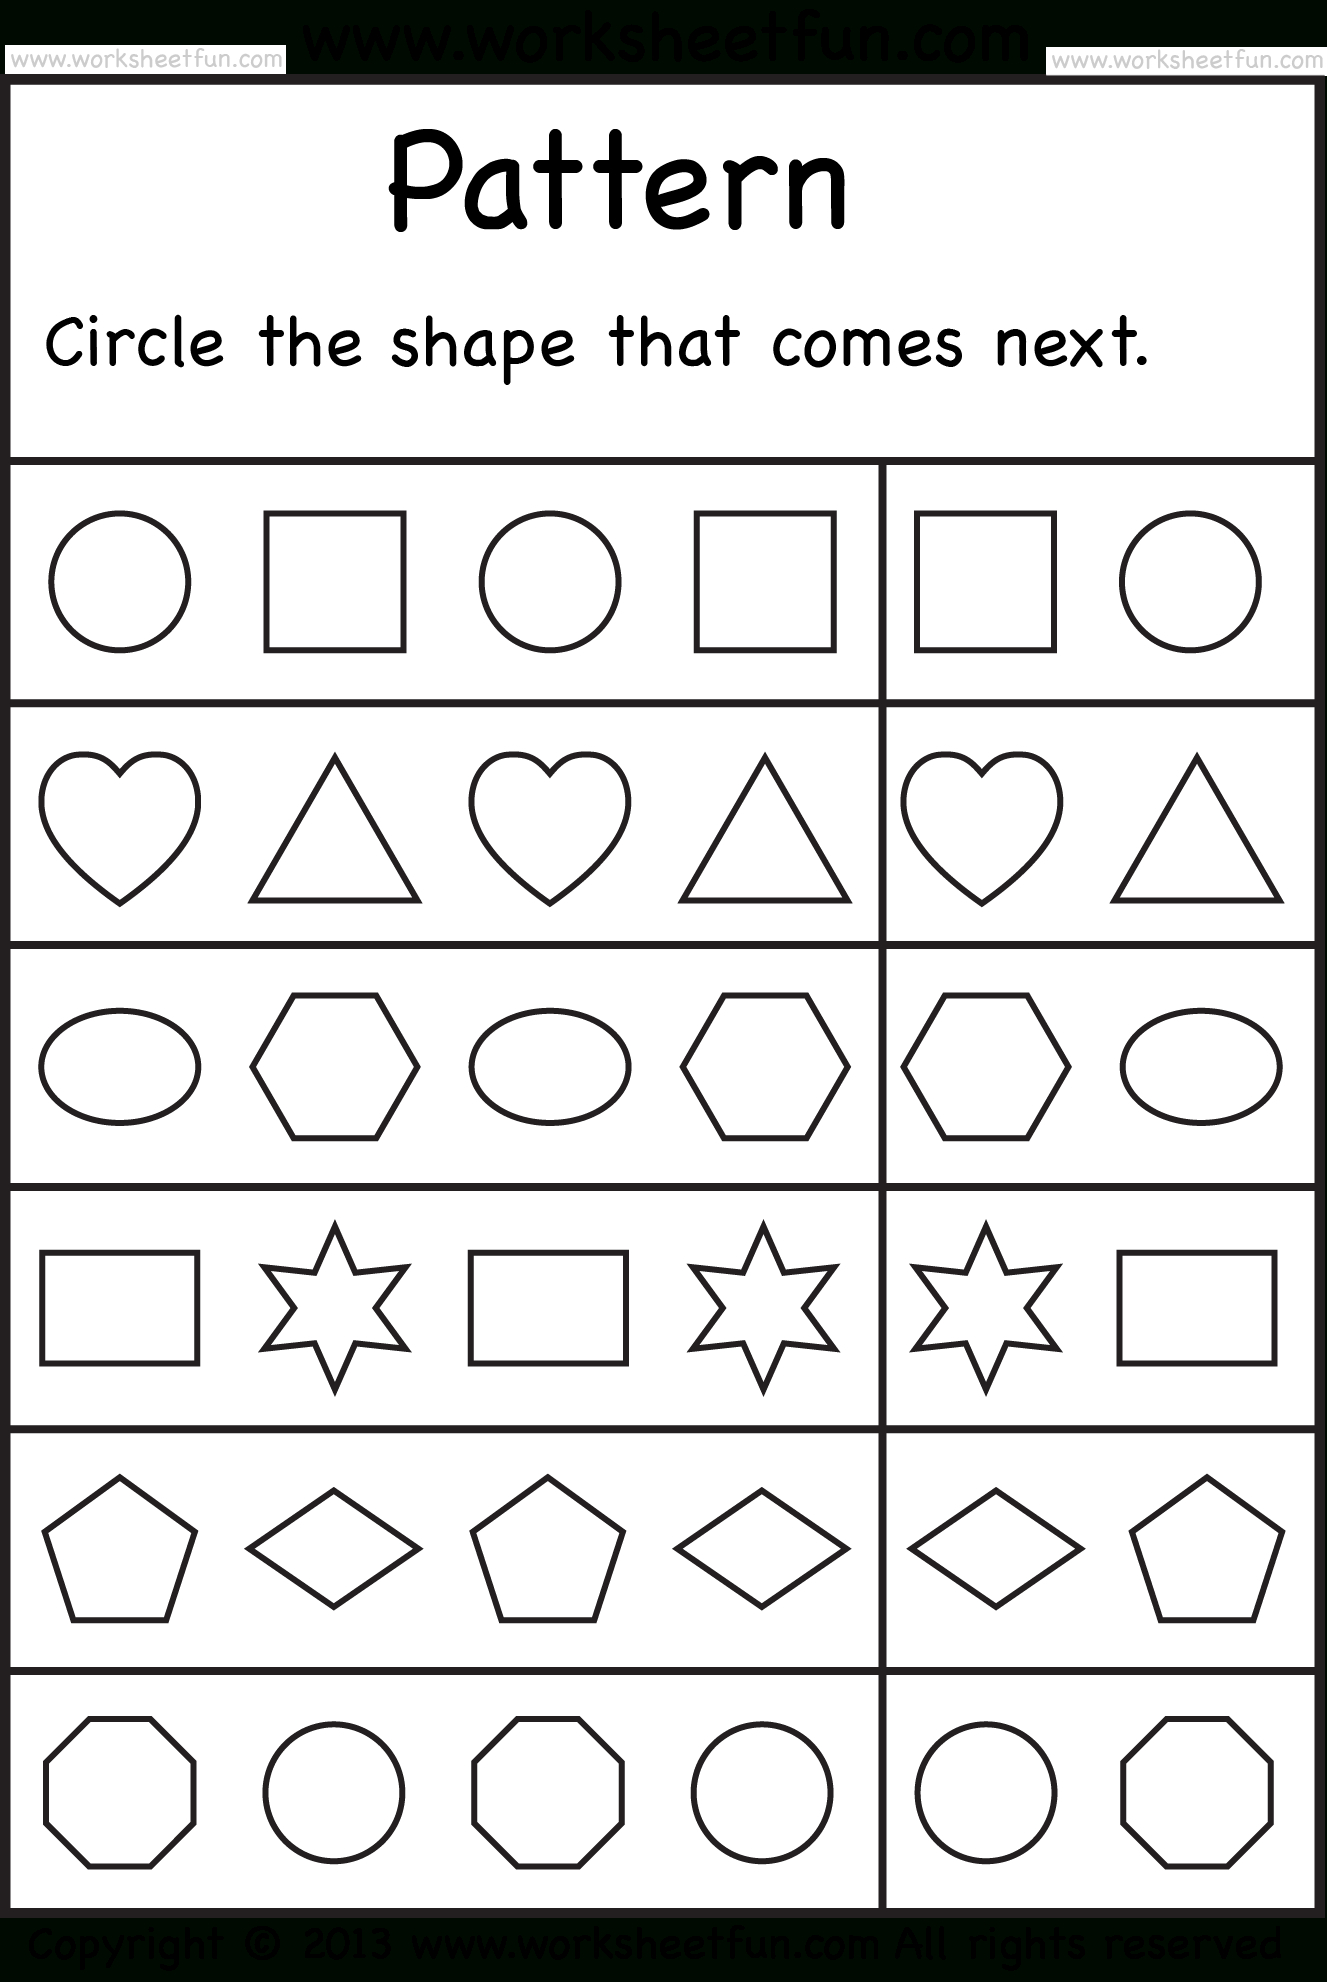 Free Printable Worksheets – Worksheetfun / Free Printable - Free Printable Worksheets For Kids